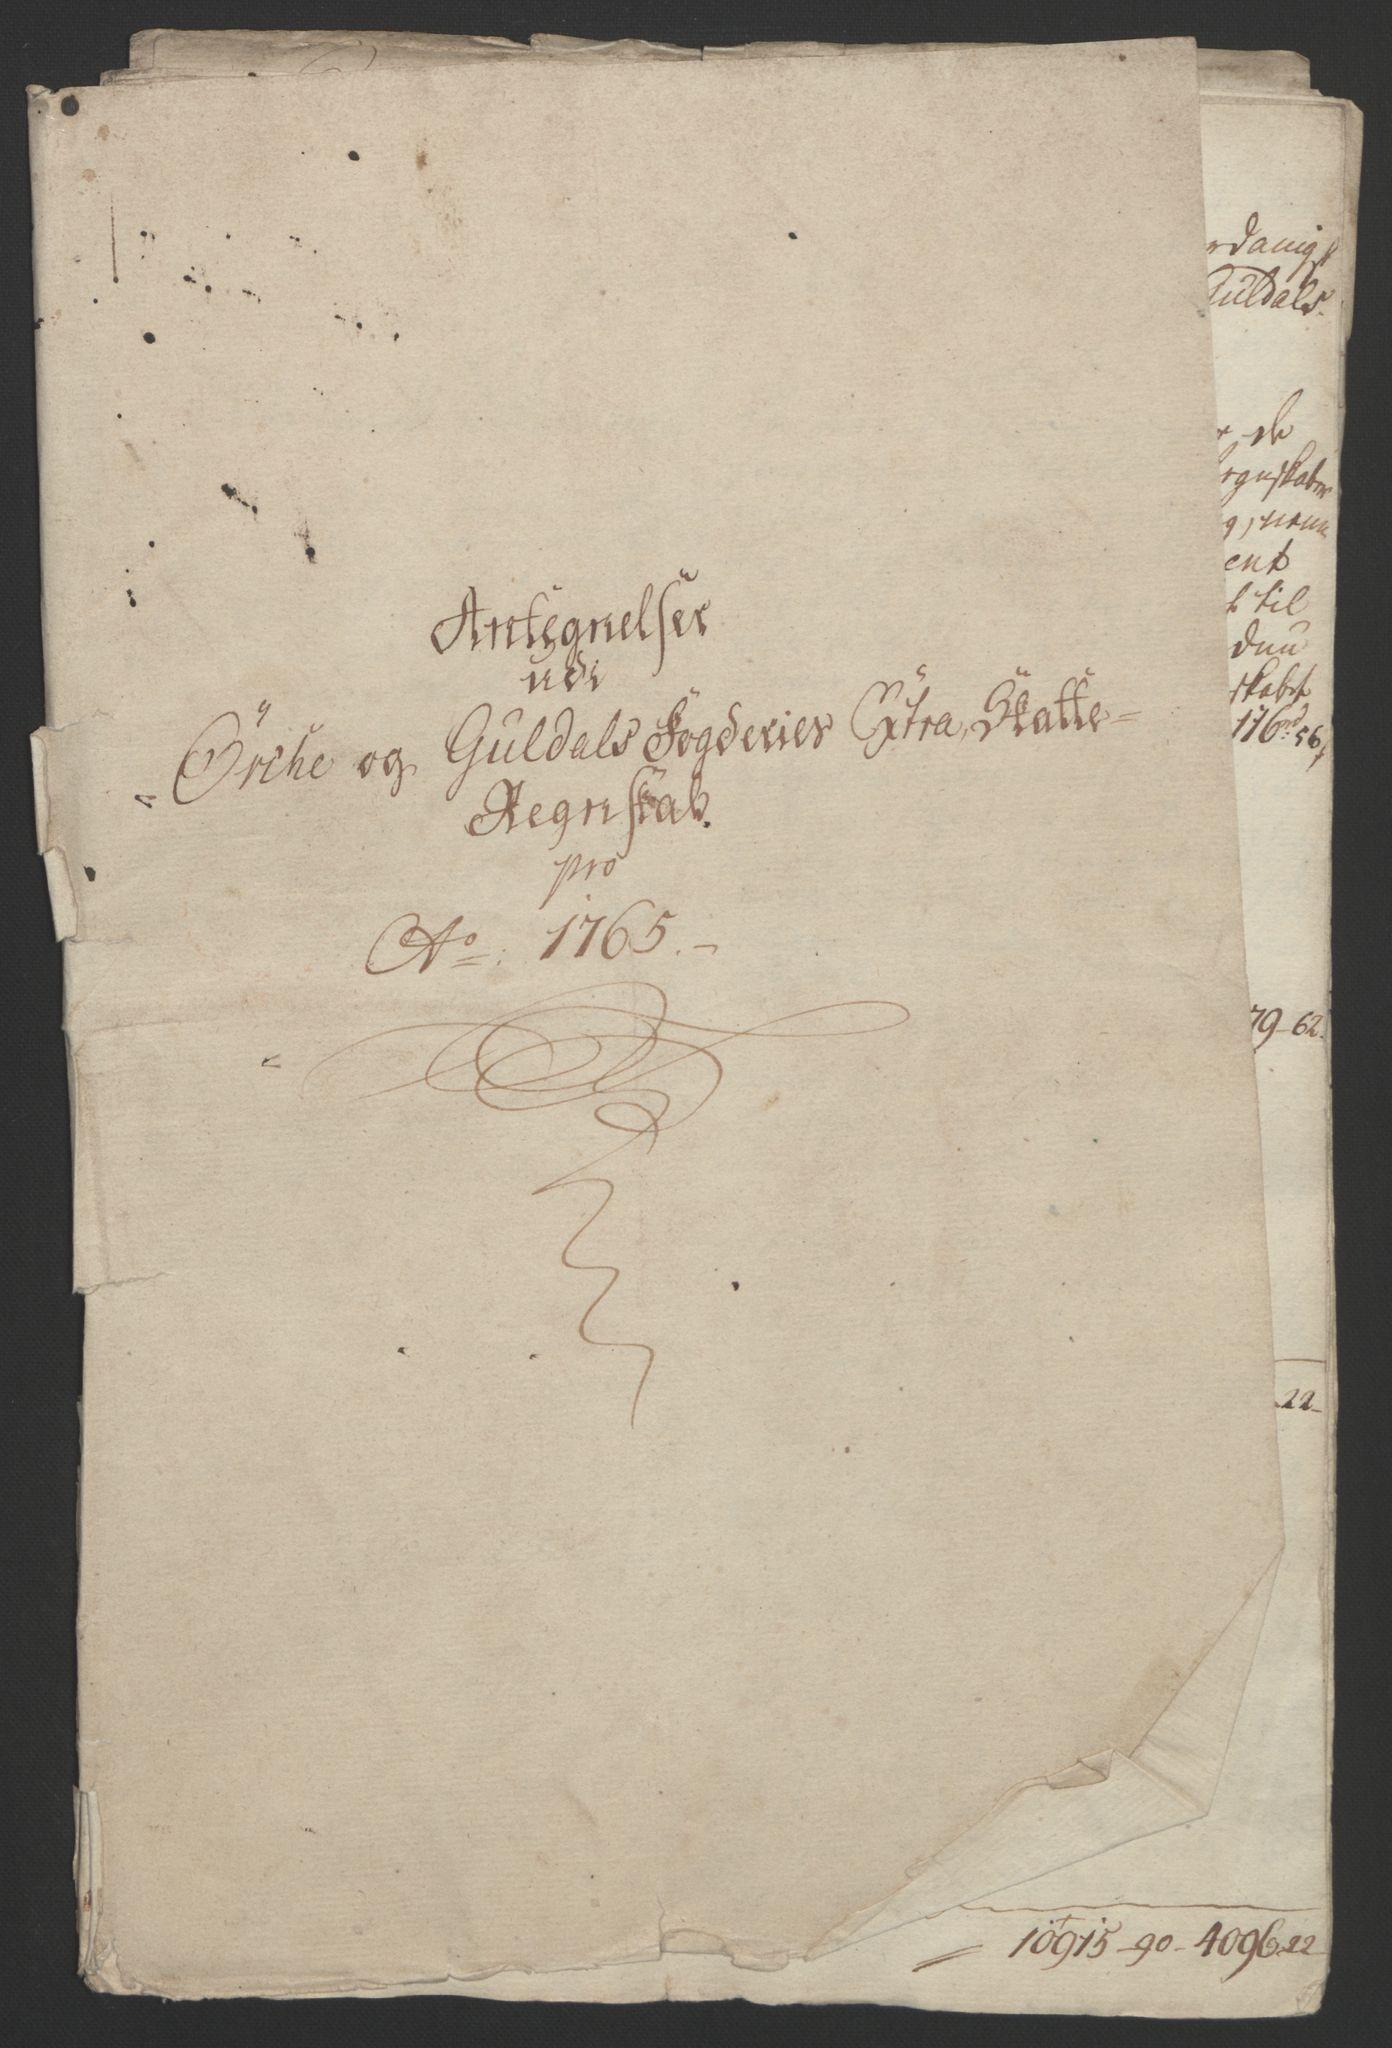 RA, Rentekammeret inntil 1814, Reviderte regnskaper, Fogderegnskap, R60/L4094: Ekstraskatten Orkdal og Gauldal, 1762-1765, s. 289